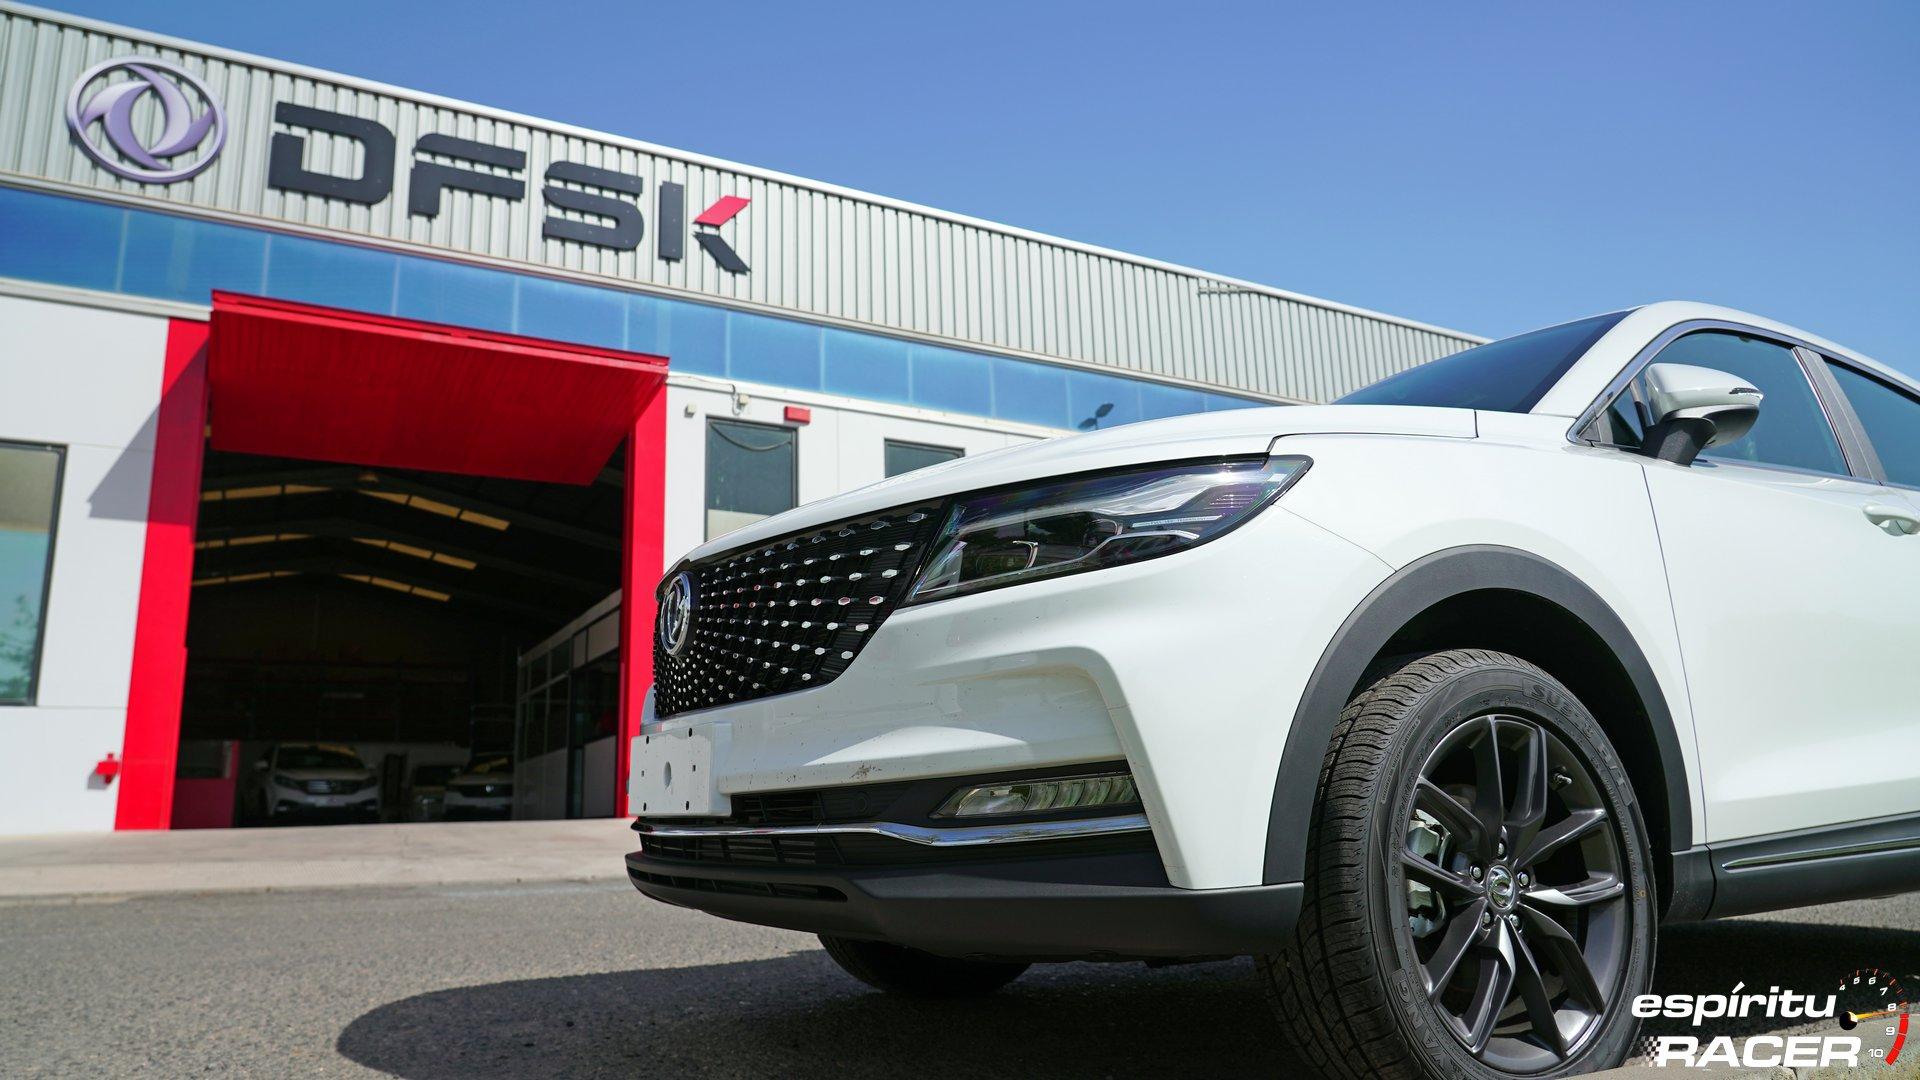 Visitamos las instalaciones de DFSK España y probamos sus vehículos